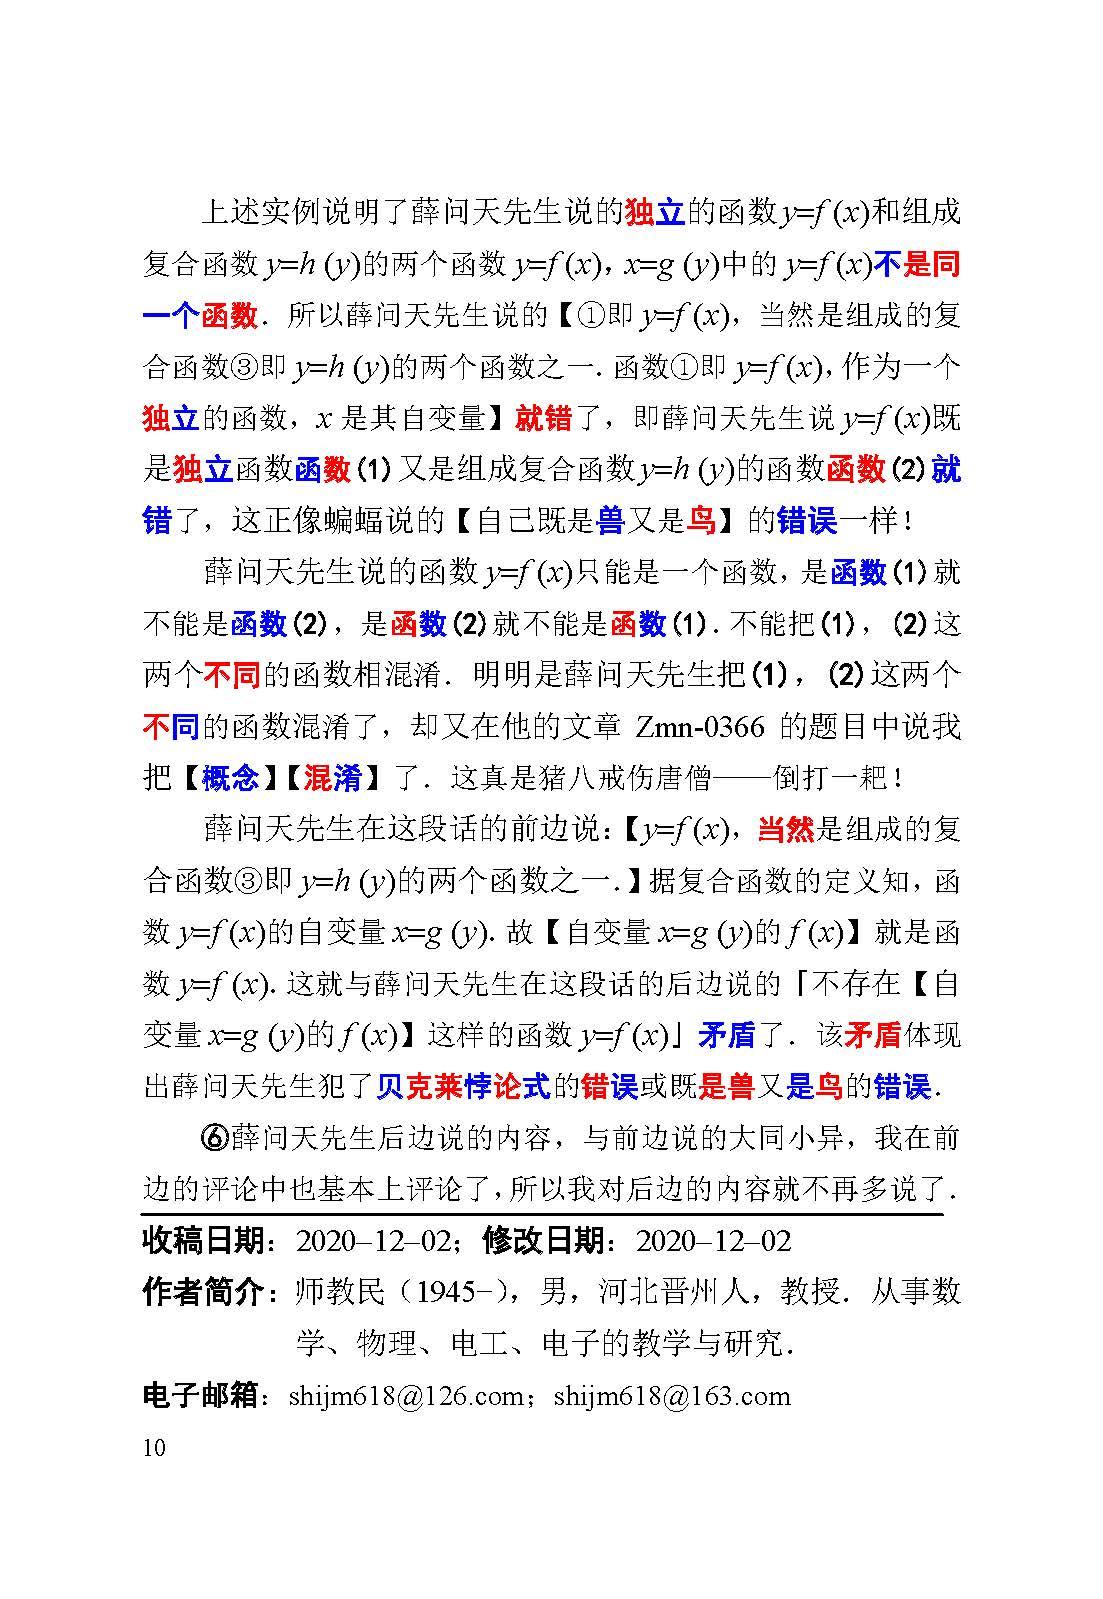 评薛问天先生的文章0366_页面_10.jpg